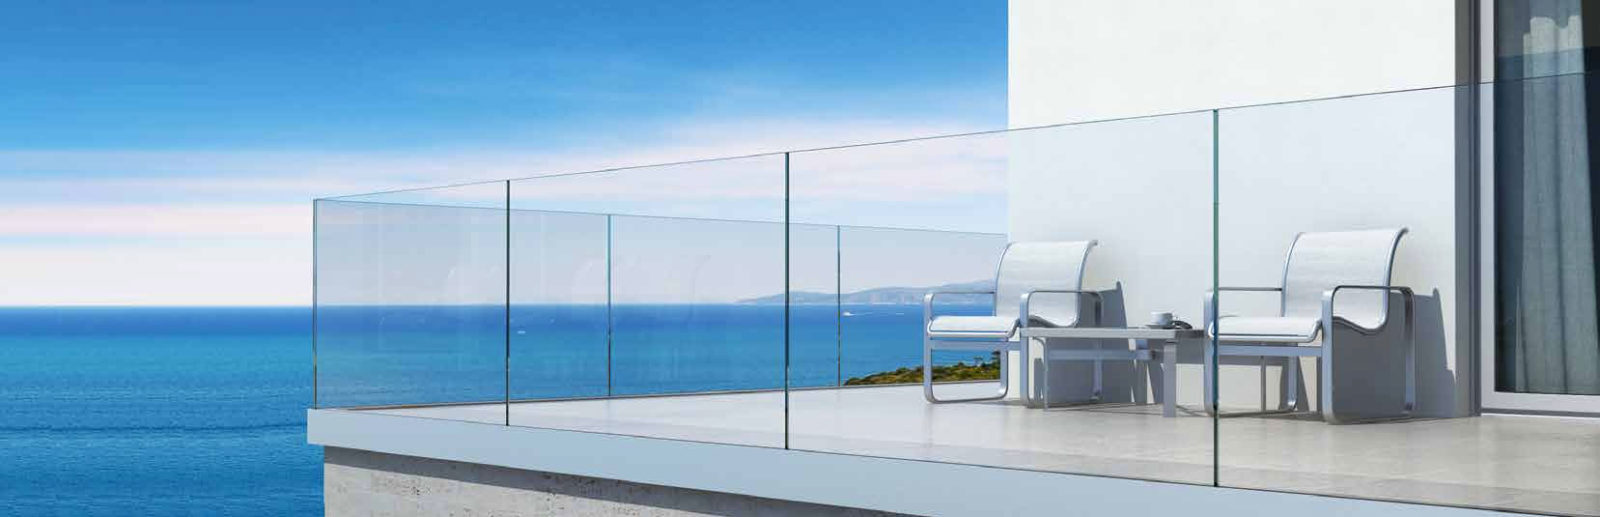 garde corps en verre s curis sans montant pour terrasse et balcon ext rieur int rieur abriglass. Black Bedroom Furniture Sets. Home Design Ideas